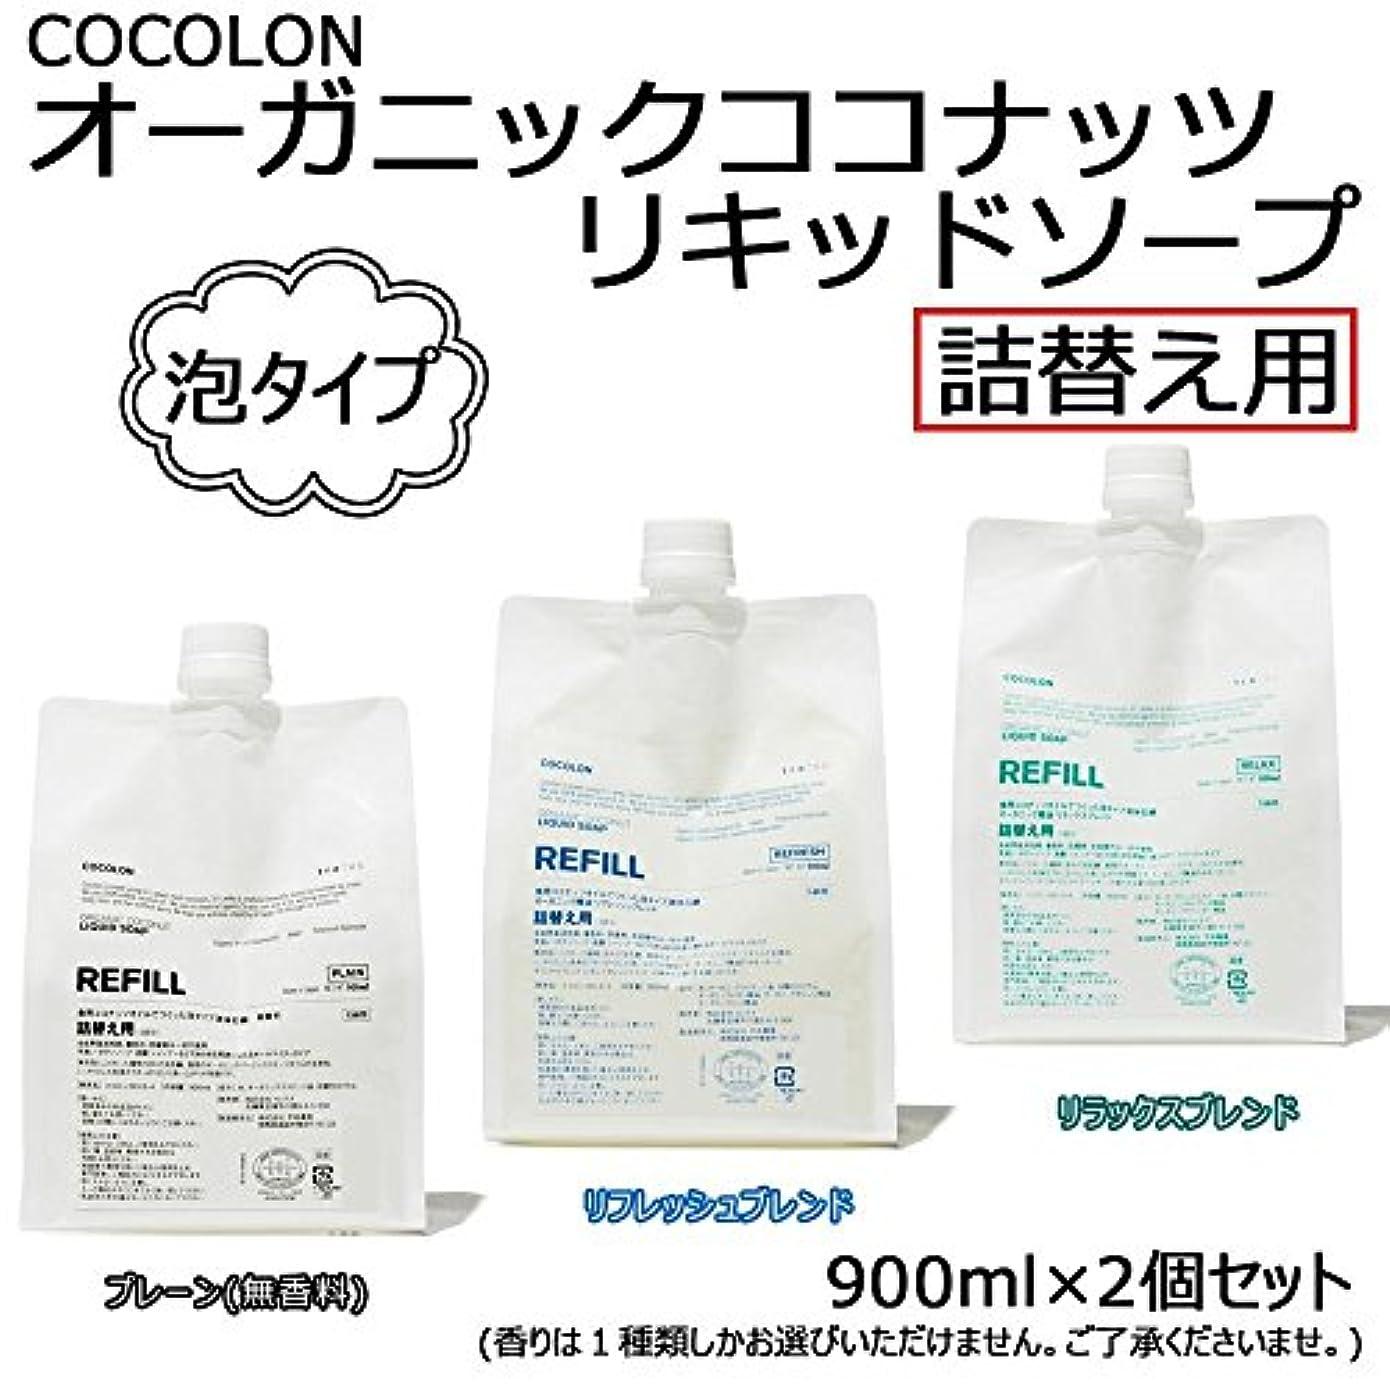 お手入れ必要としている表現COCOLON ココロン オーガニックココナッツリキッドソープ 泡タイプ 詰替え用 900ml 2個セット【同梱?代引不可】 ■3種類の内「リフレッシュブレンド」のみです